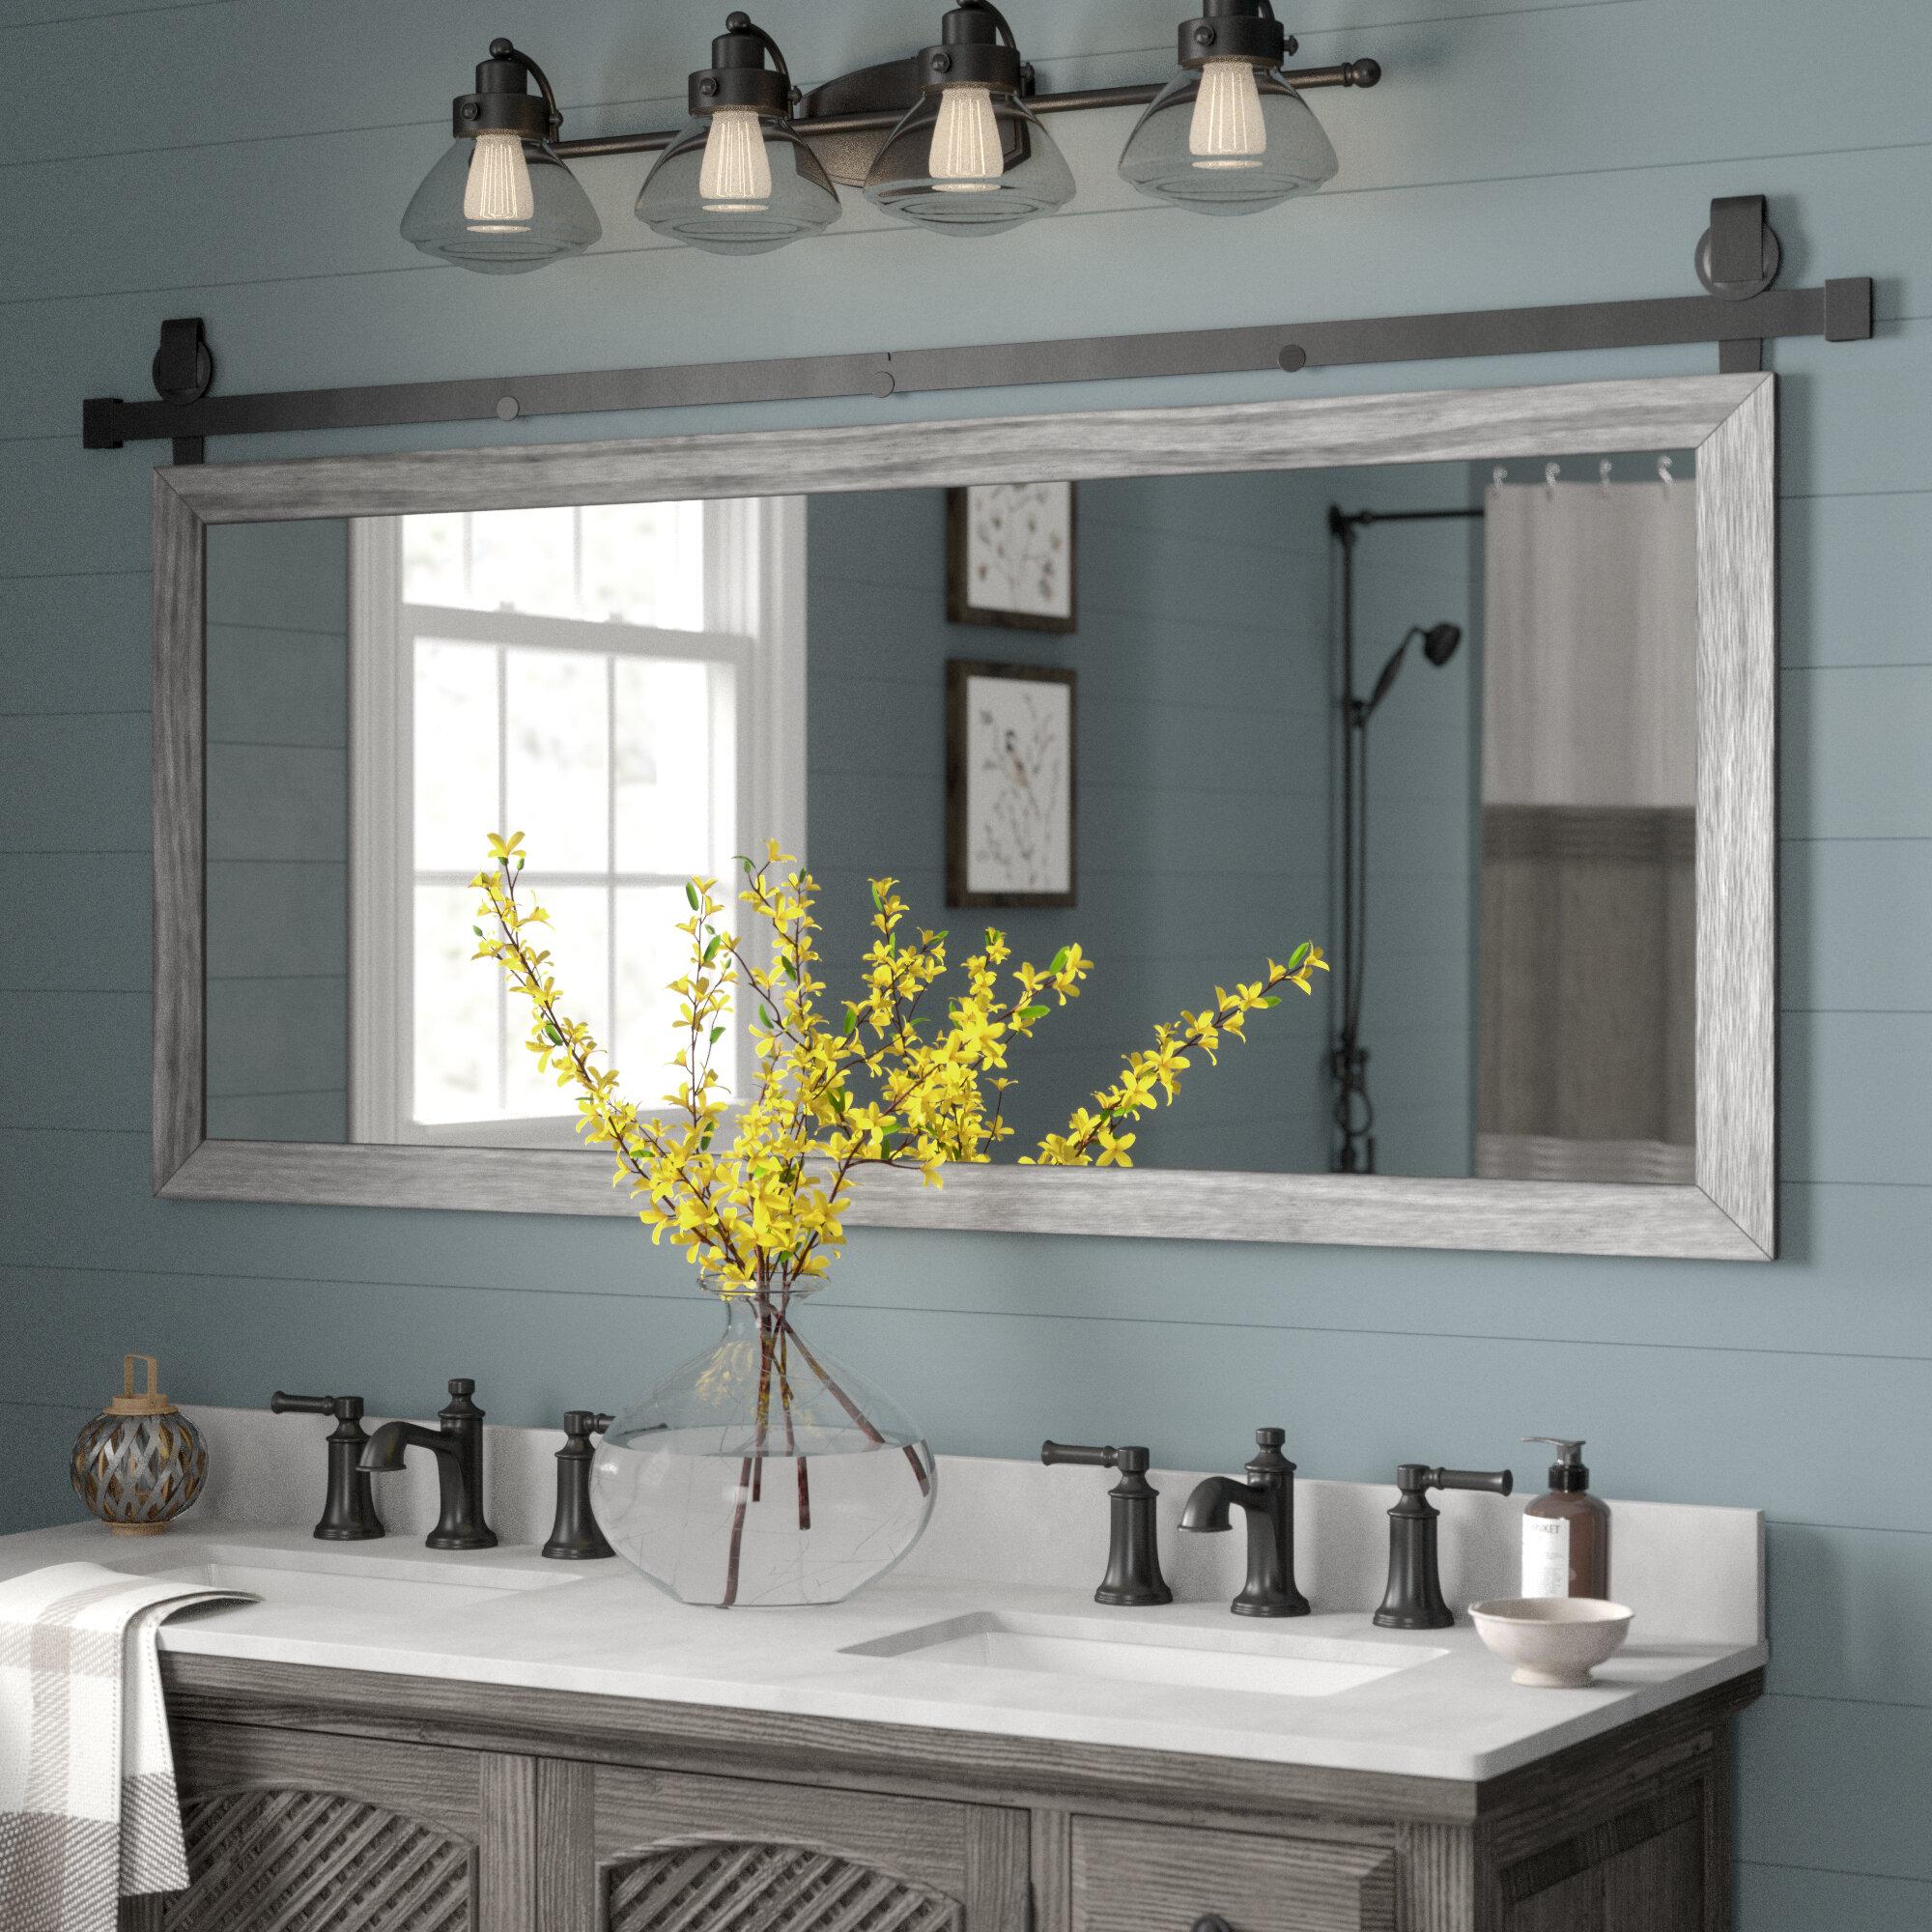 Gracie Oaks Nicholle Bathroom/vanity Mirror & Reviews | Wayfair Pertaining To Landover Rustic Distressed Bathroom/vanity Mirrors (Image 8 of 20)